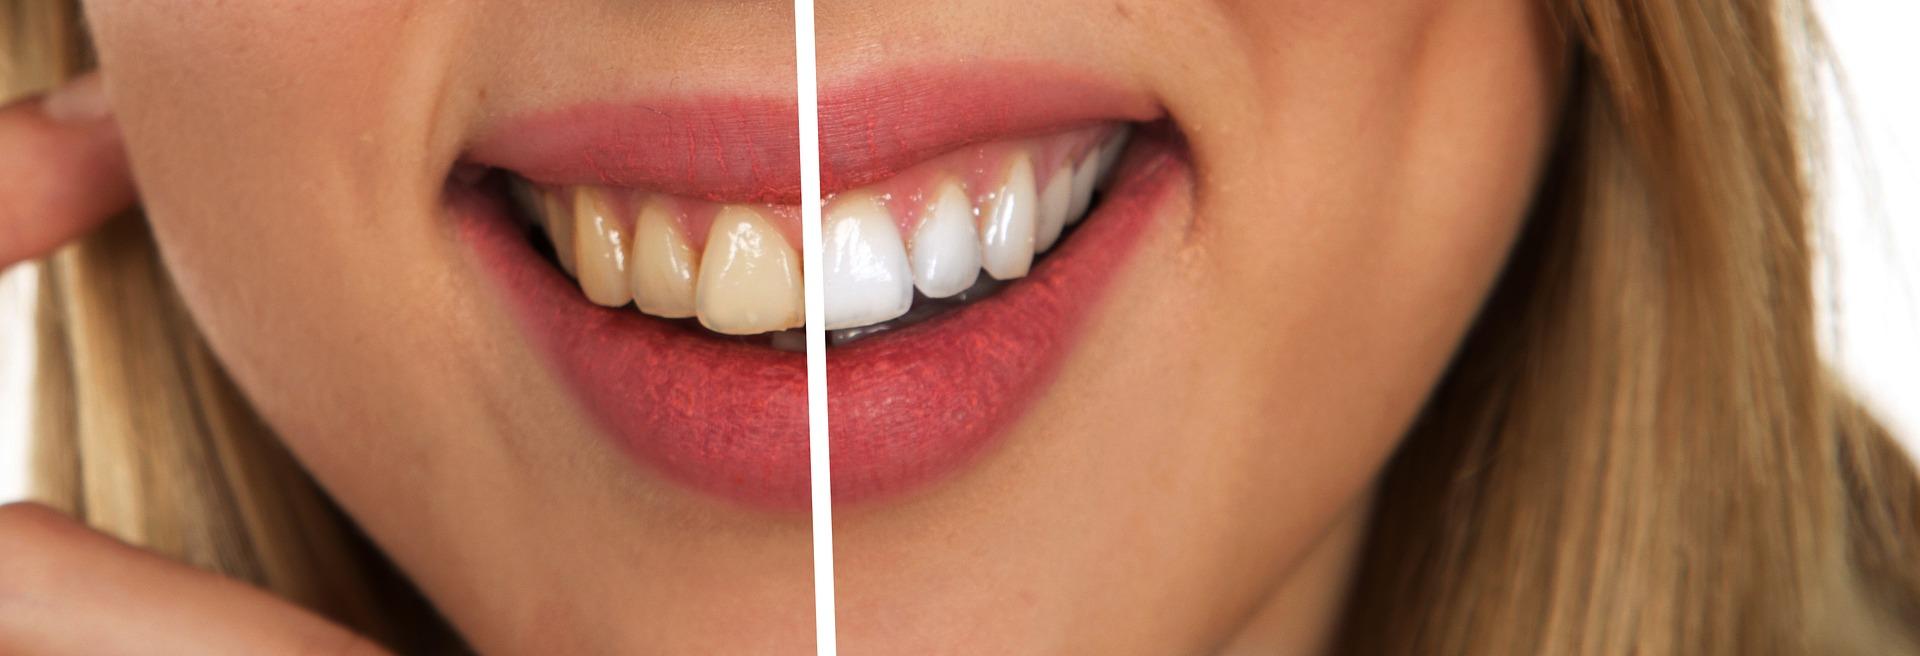 blanqueamiento dental despues de ortodoncia